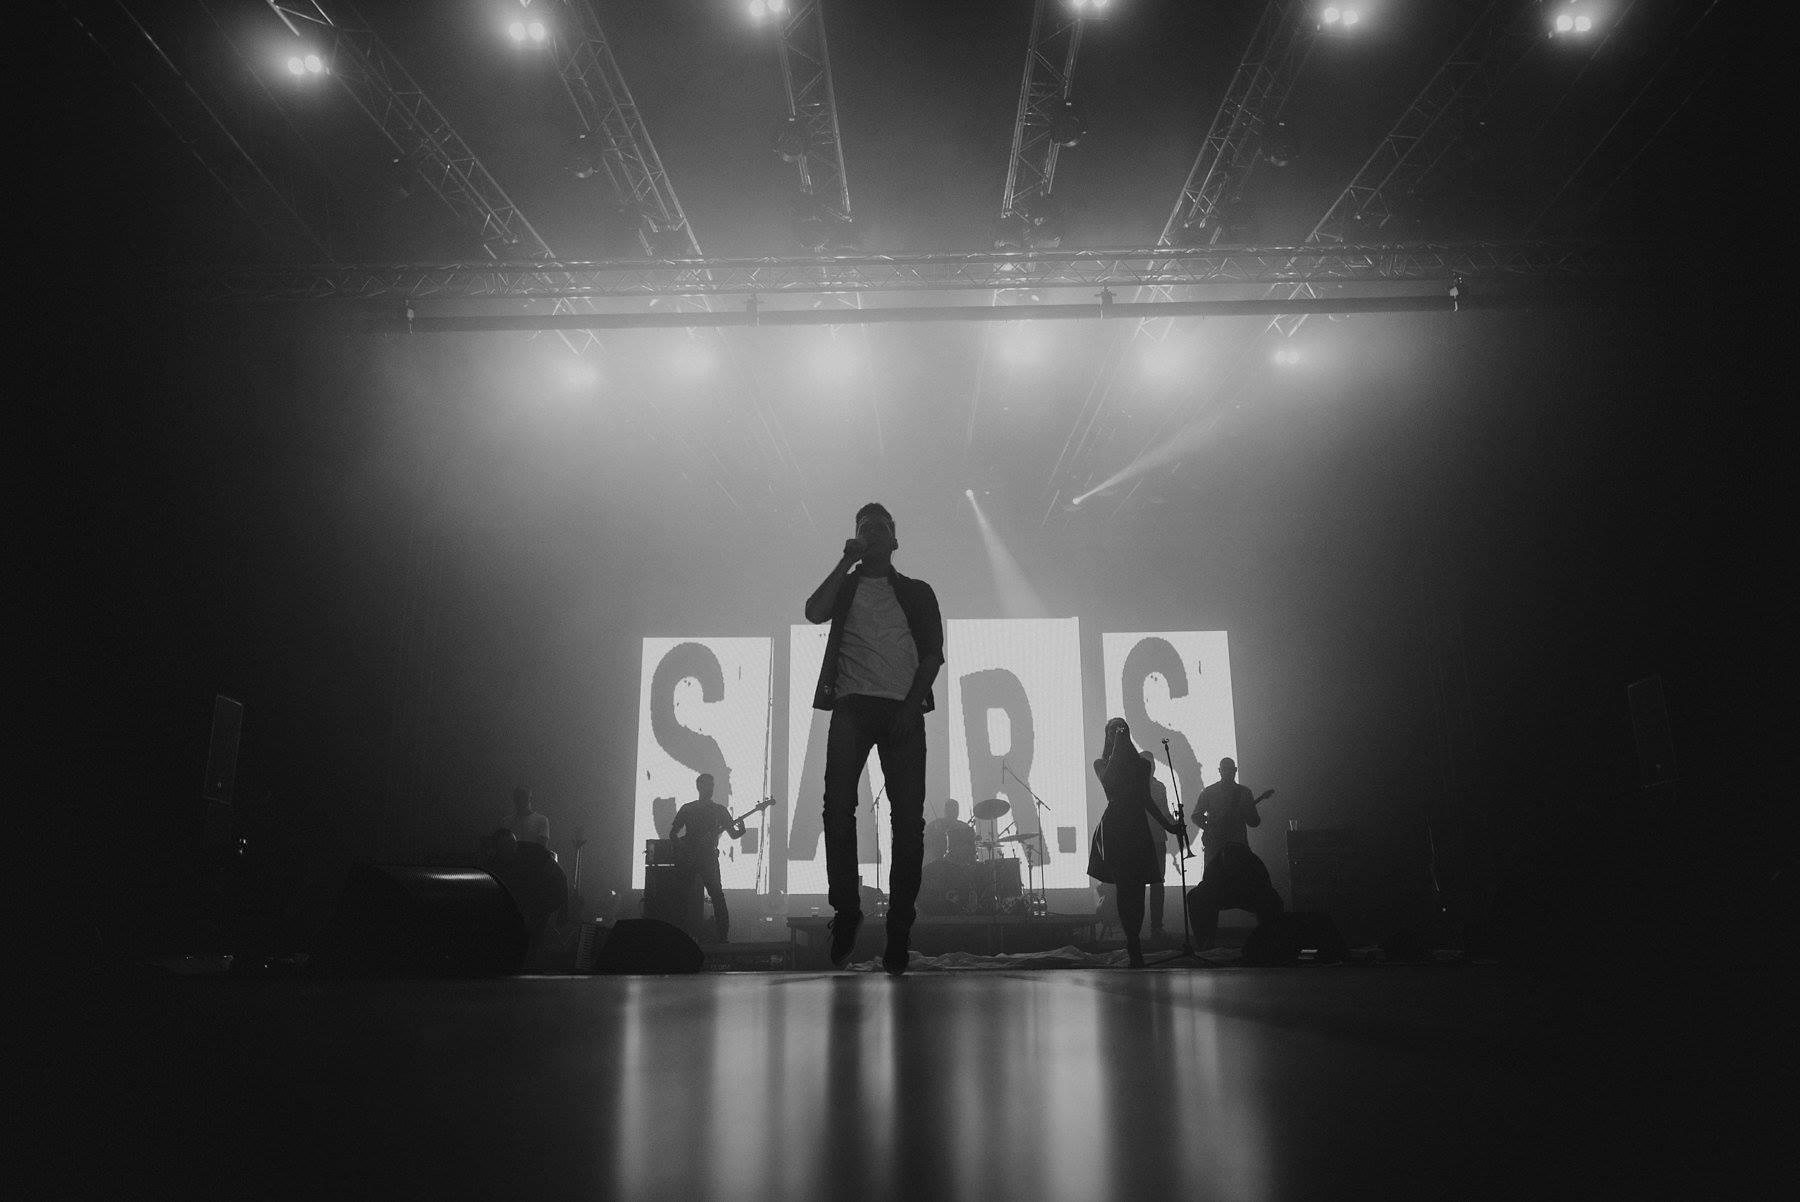 Žarko Kovačević(S.A.R.S.): Najlepši momenti na koncertima su upravo oni kada publika sa nama peva kao jedno